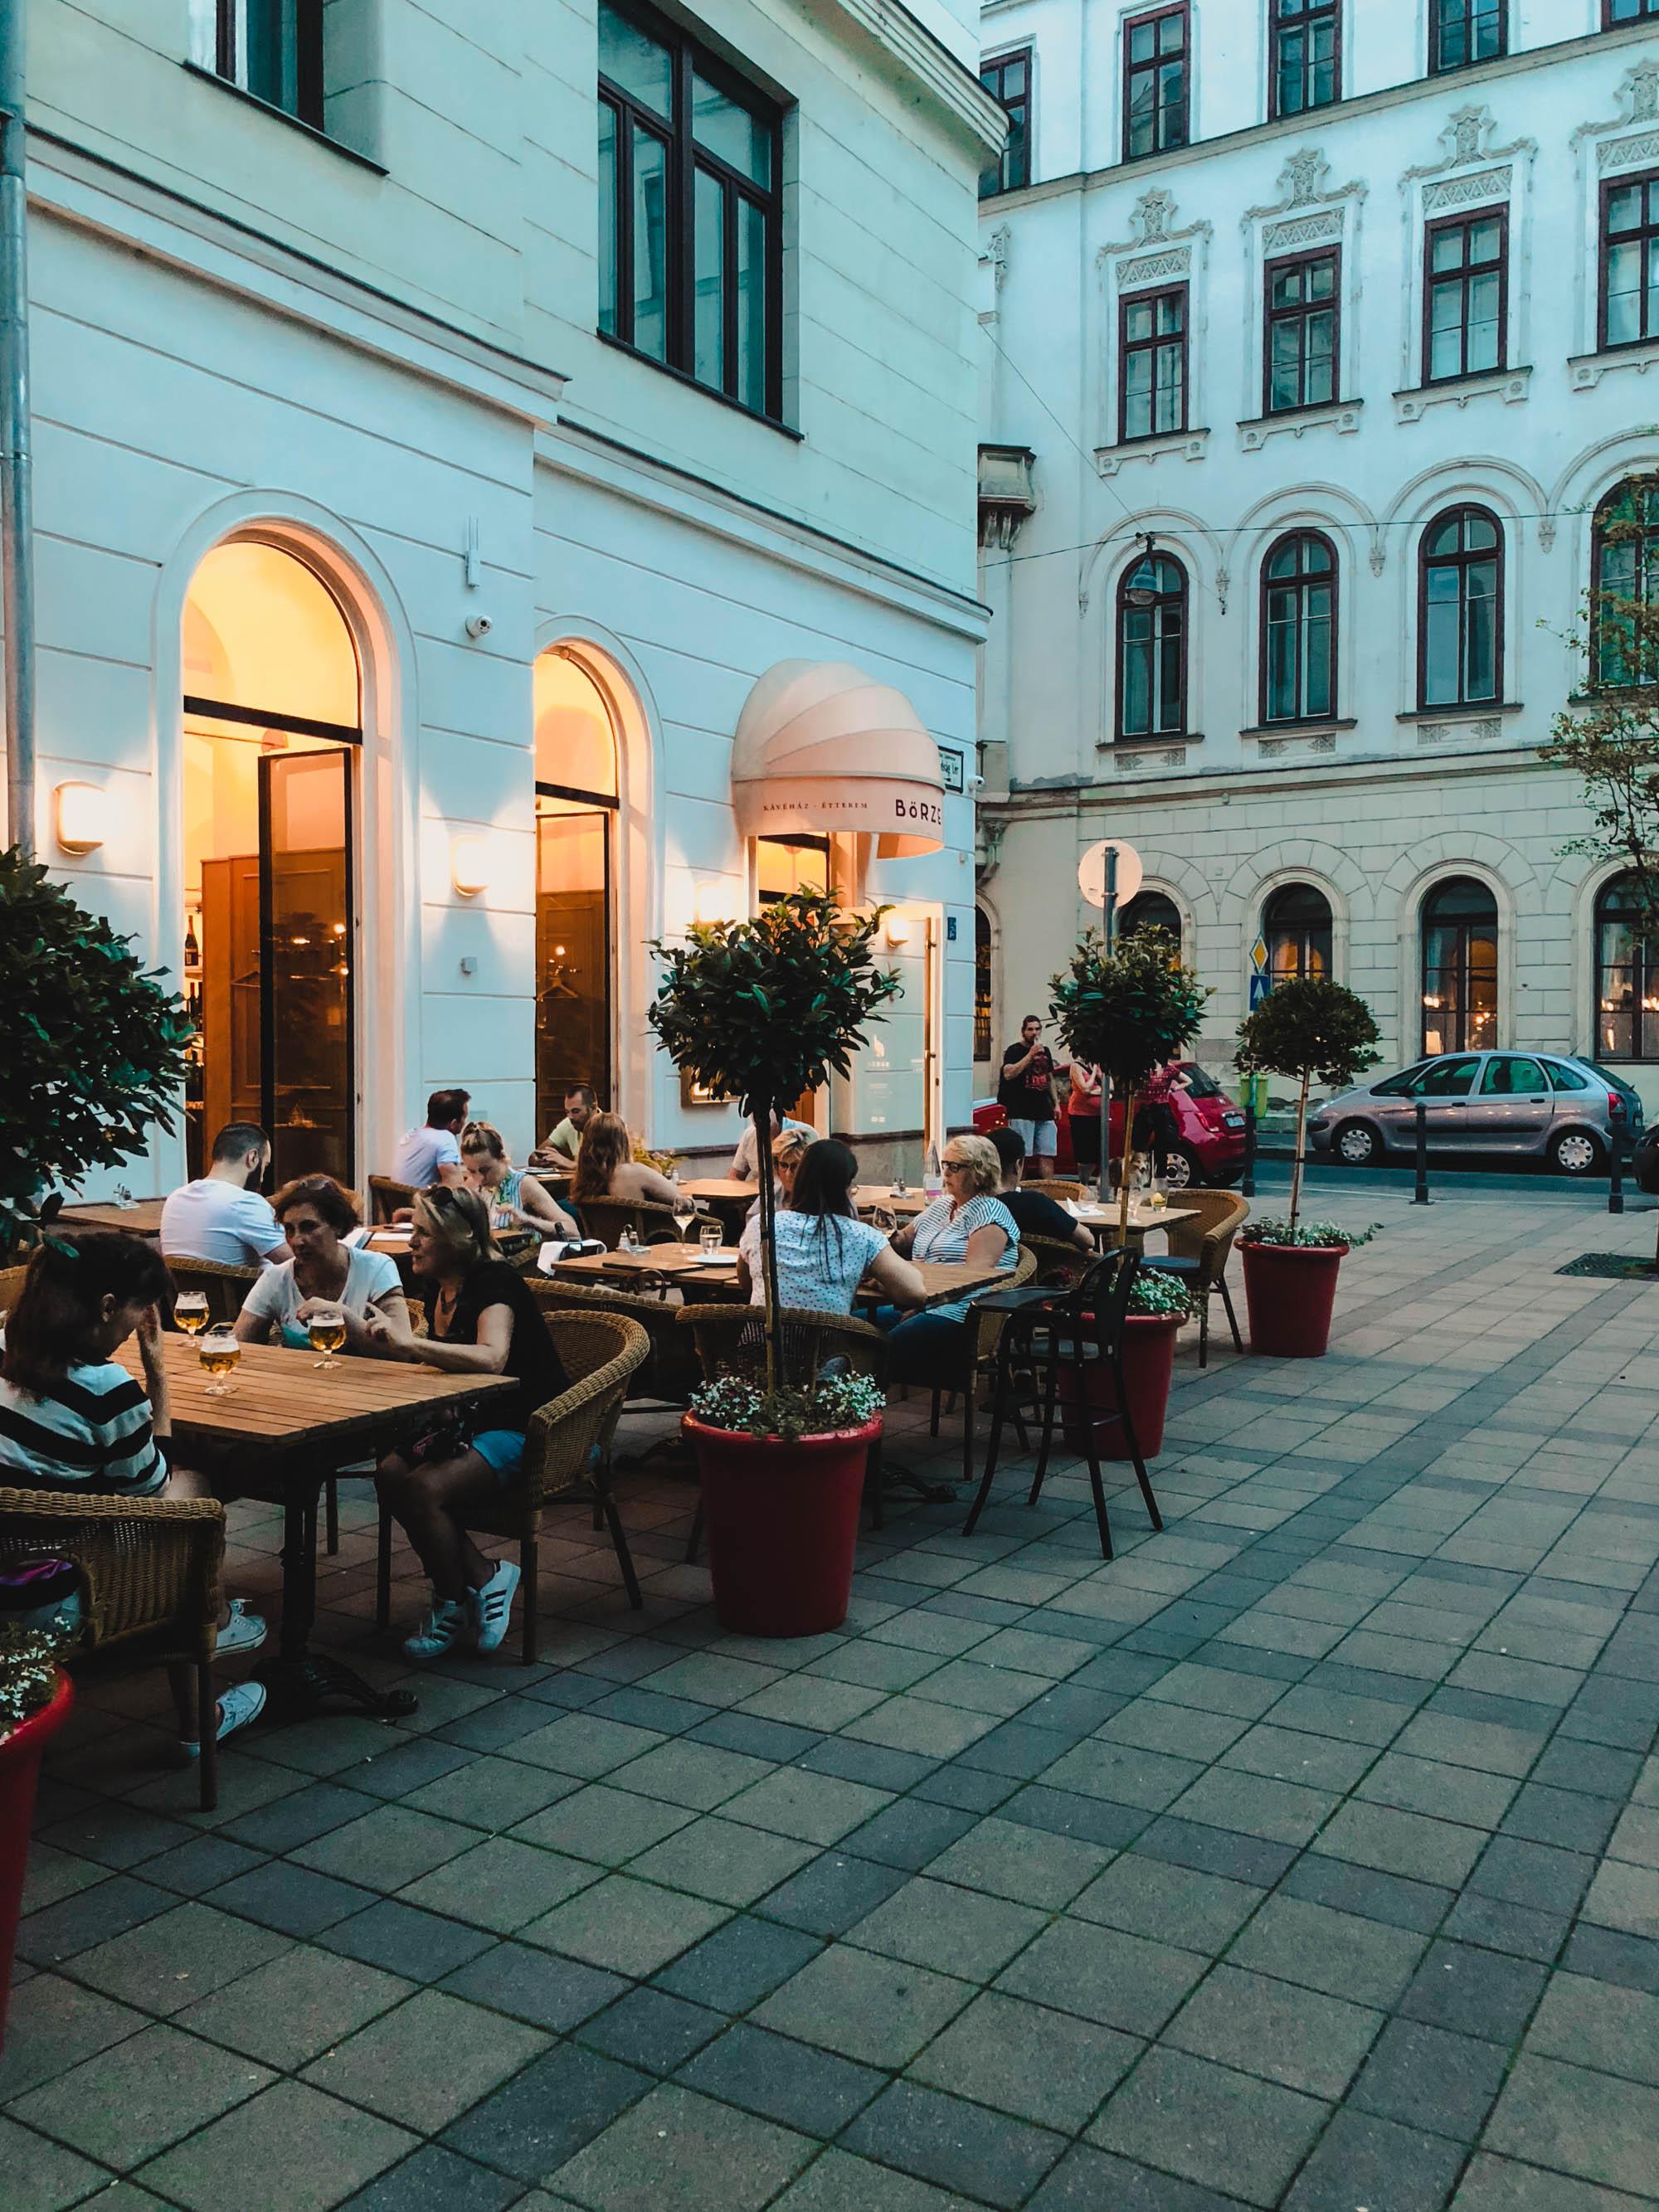 POSTCARD from BUDAPEST auf österreichischen Lifestyle Blog Bits and Bobs by Eva. Mehr Travel Post und Reisen auf www.bitsandbobsbyeva.com